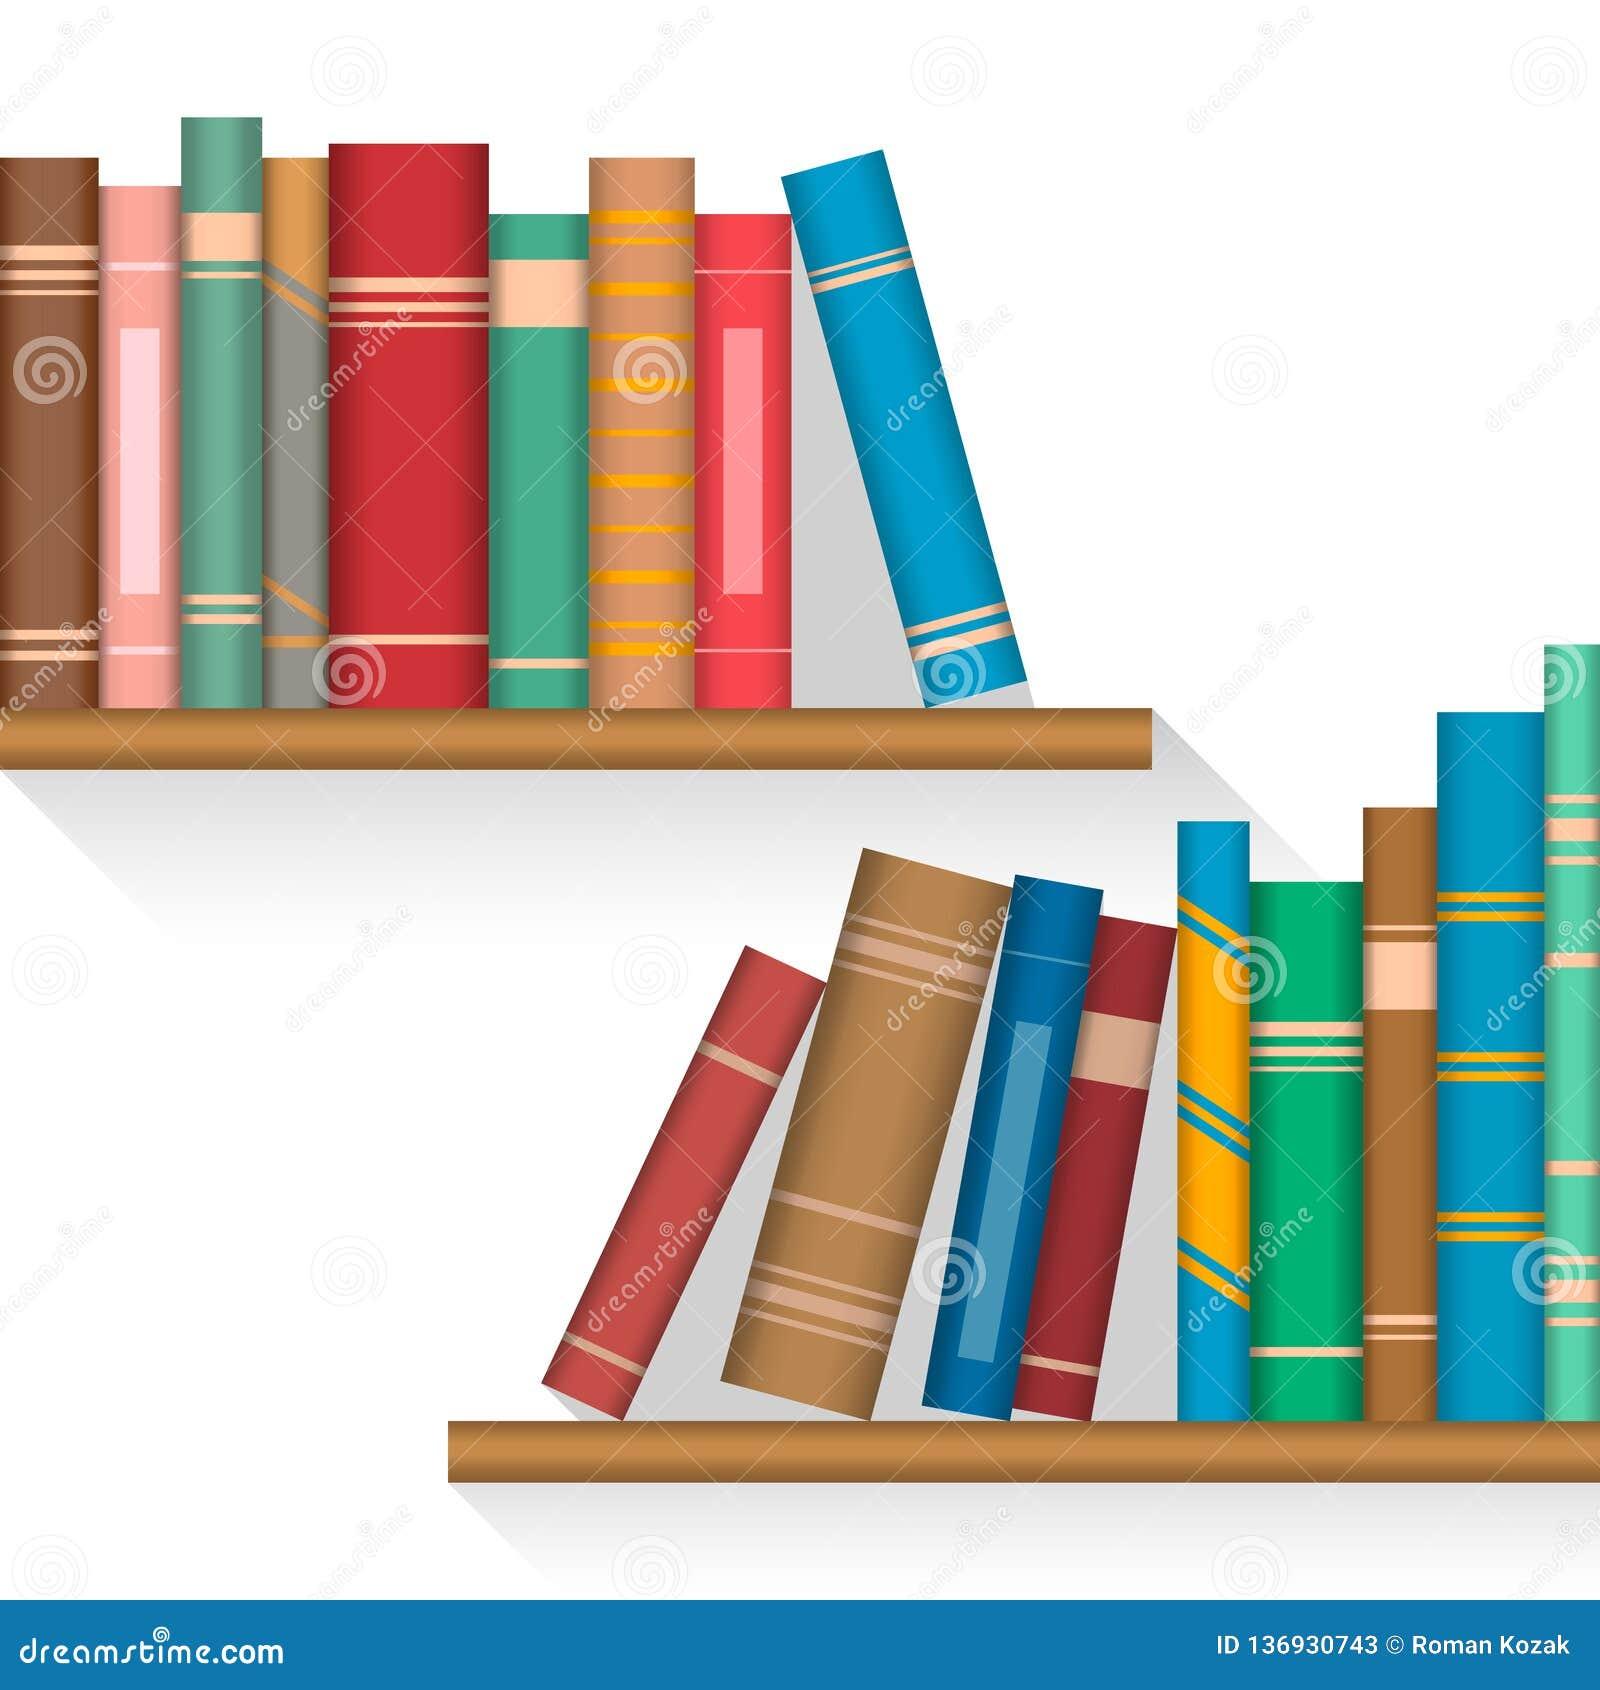 Livros coloridos em prateleiras com faixas aumentadas em uma tampa da espinha